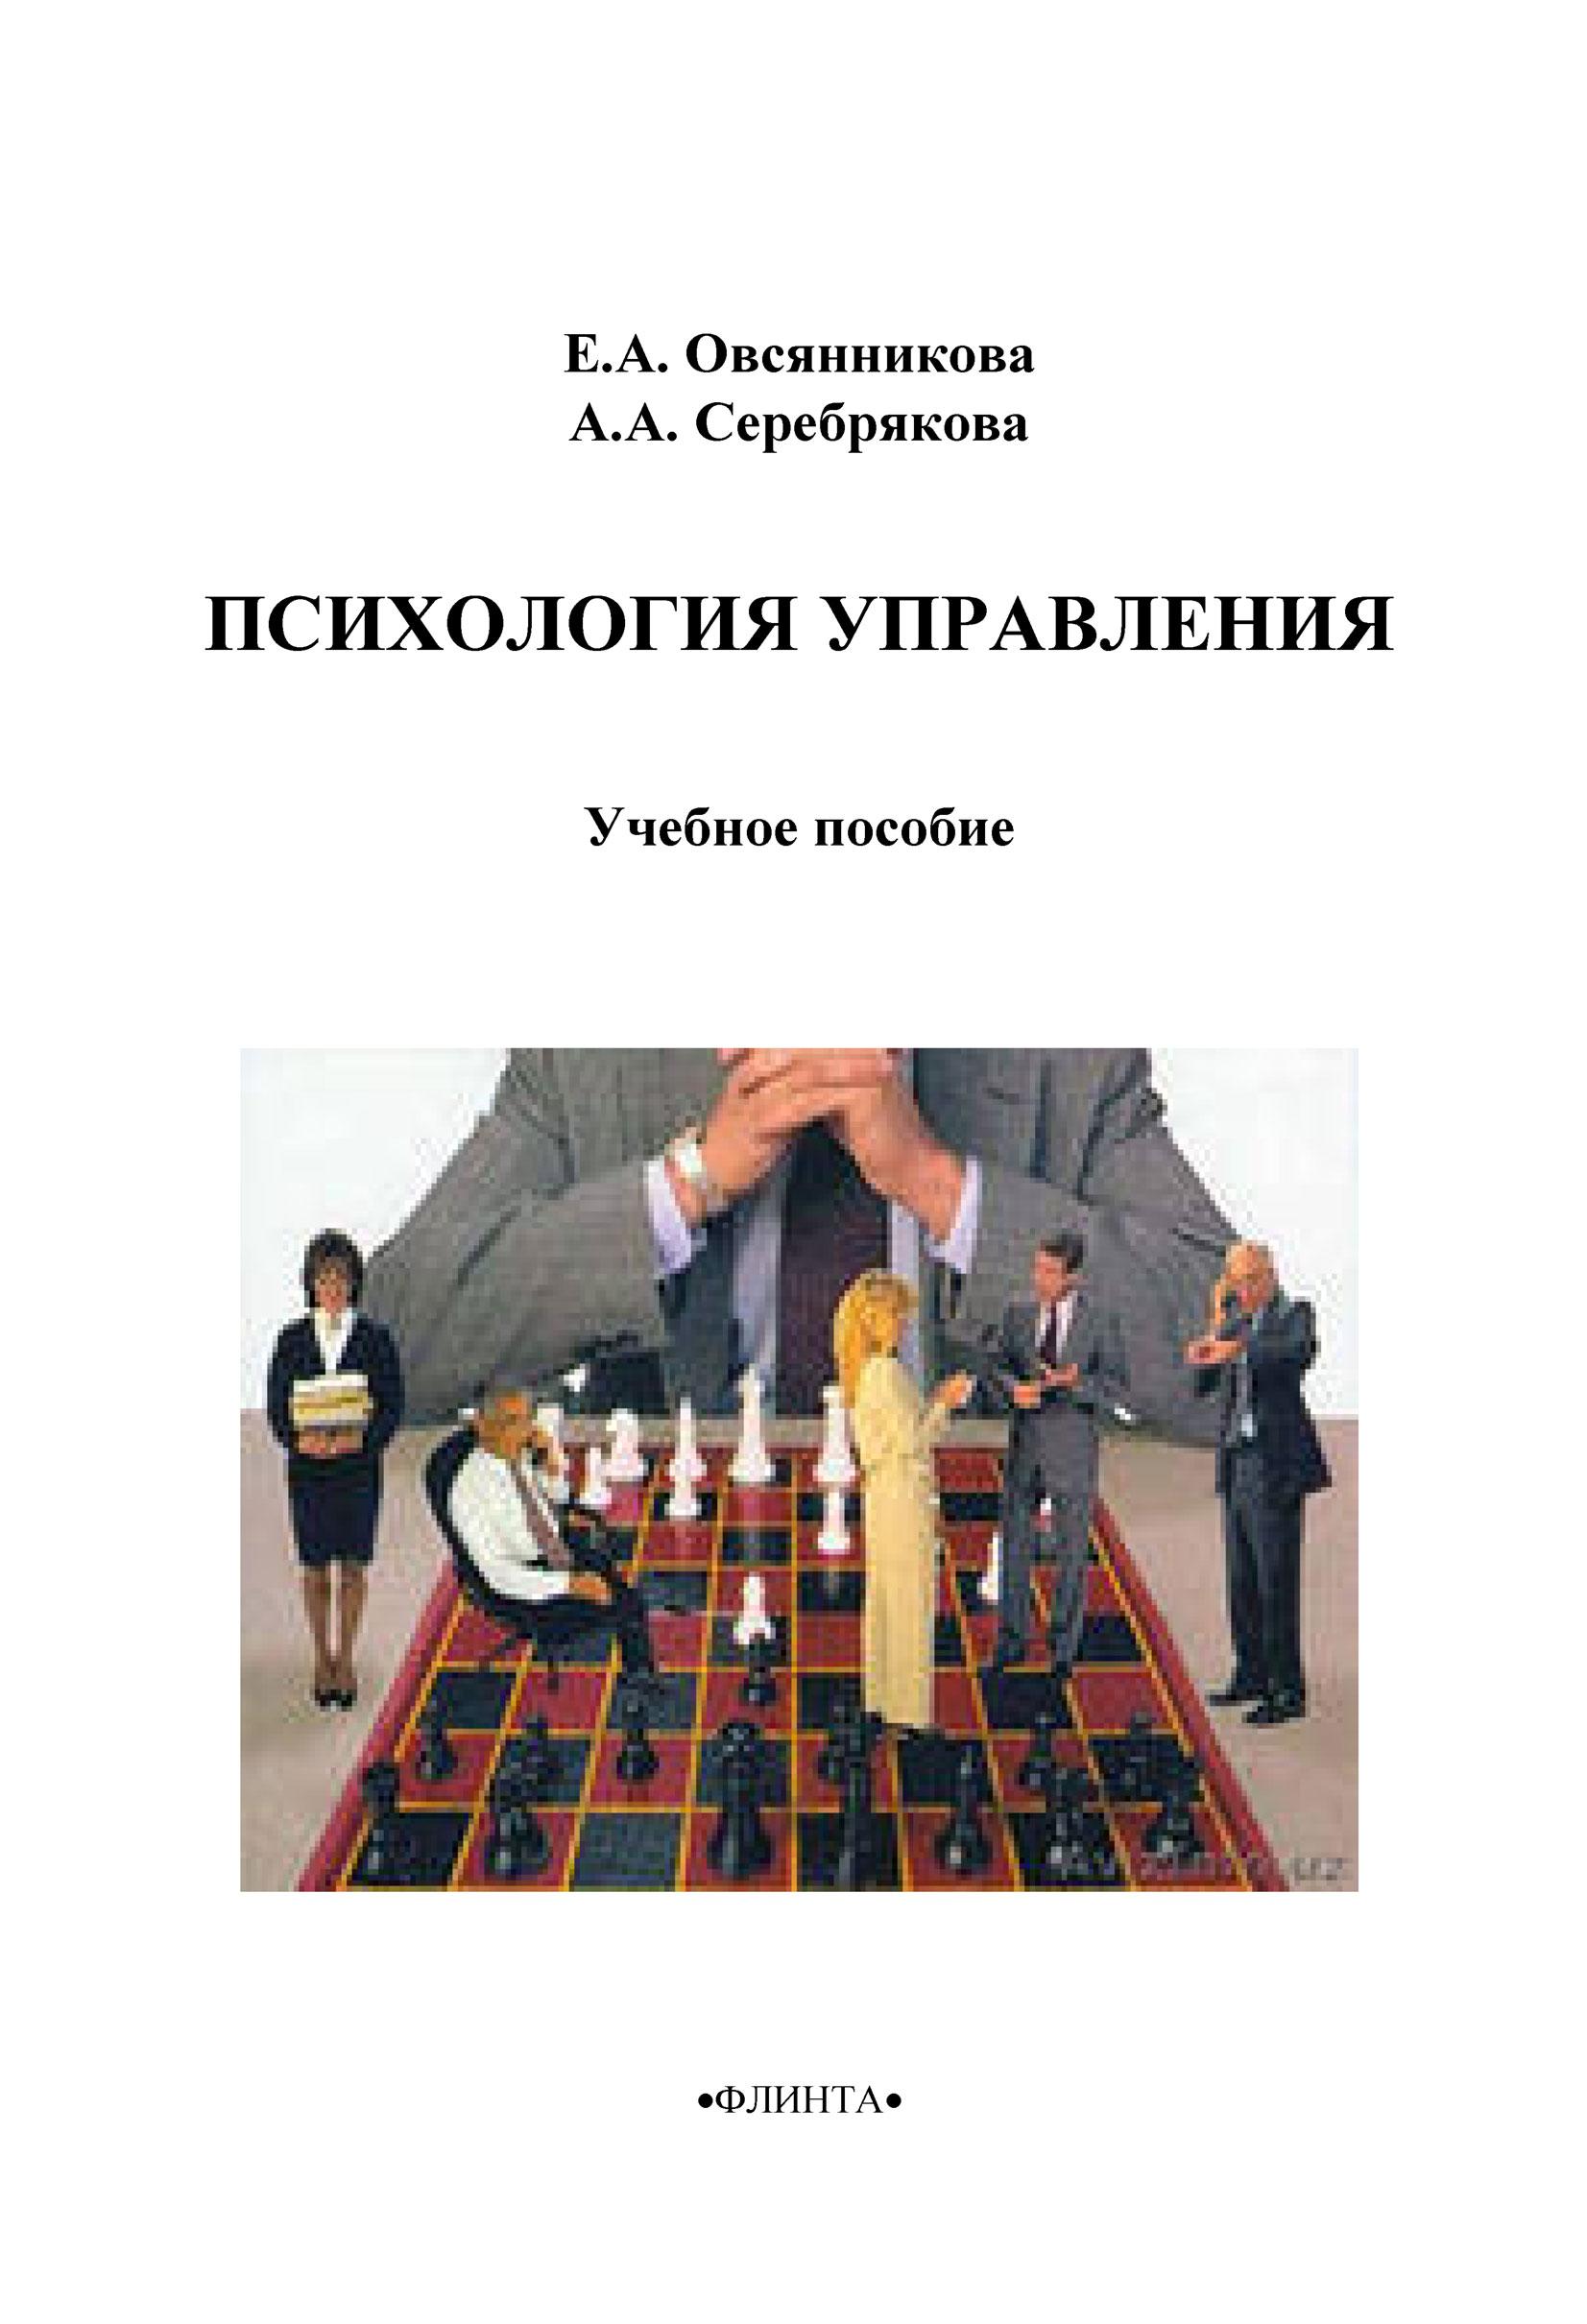 Е. А. Овсянникова Психология управления е в астратенкова социология и психология управления